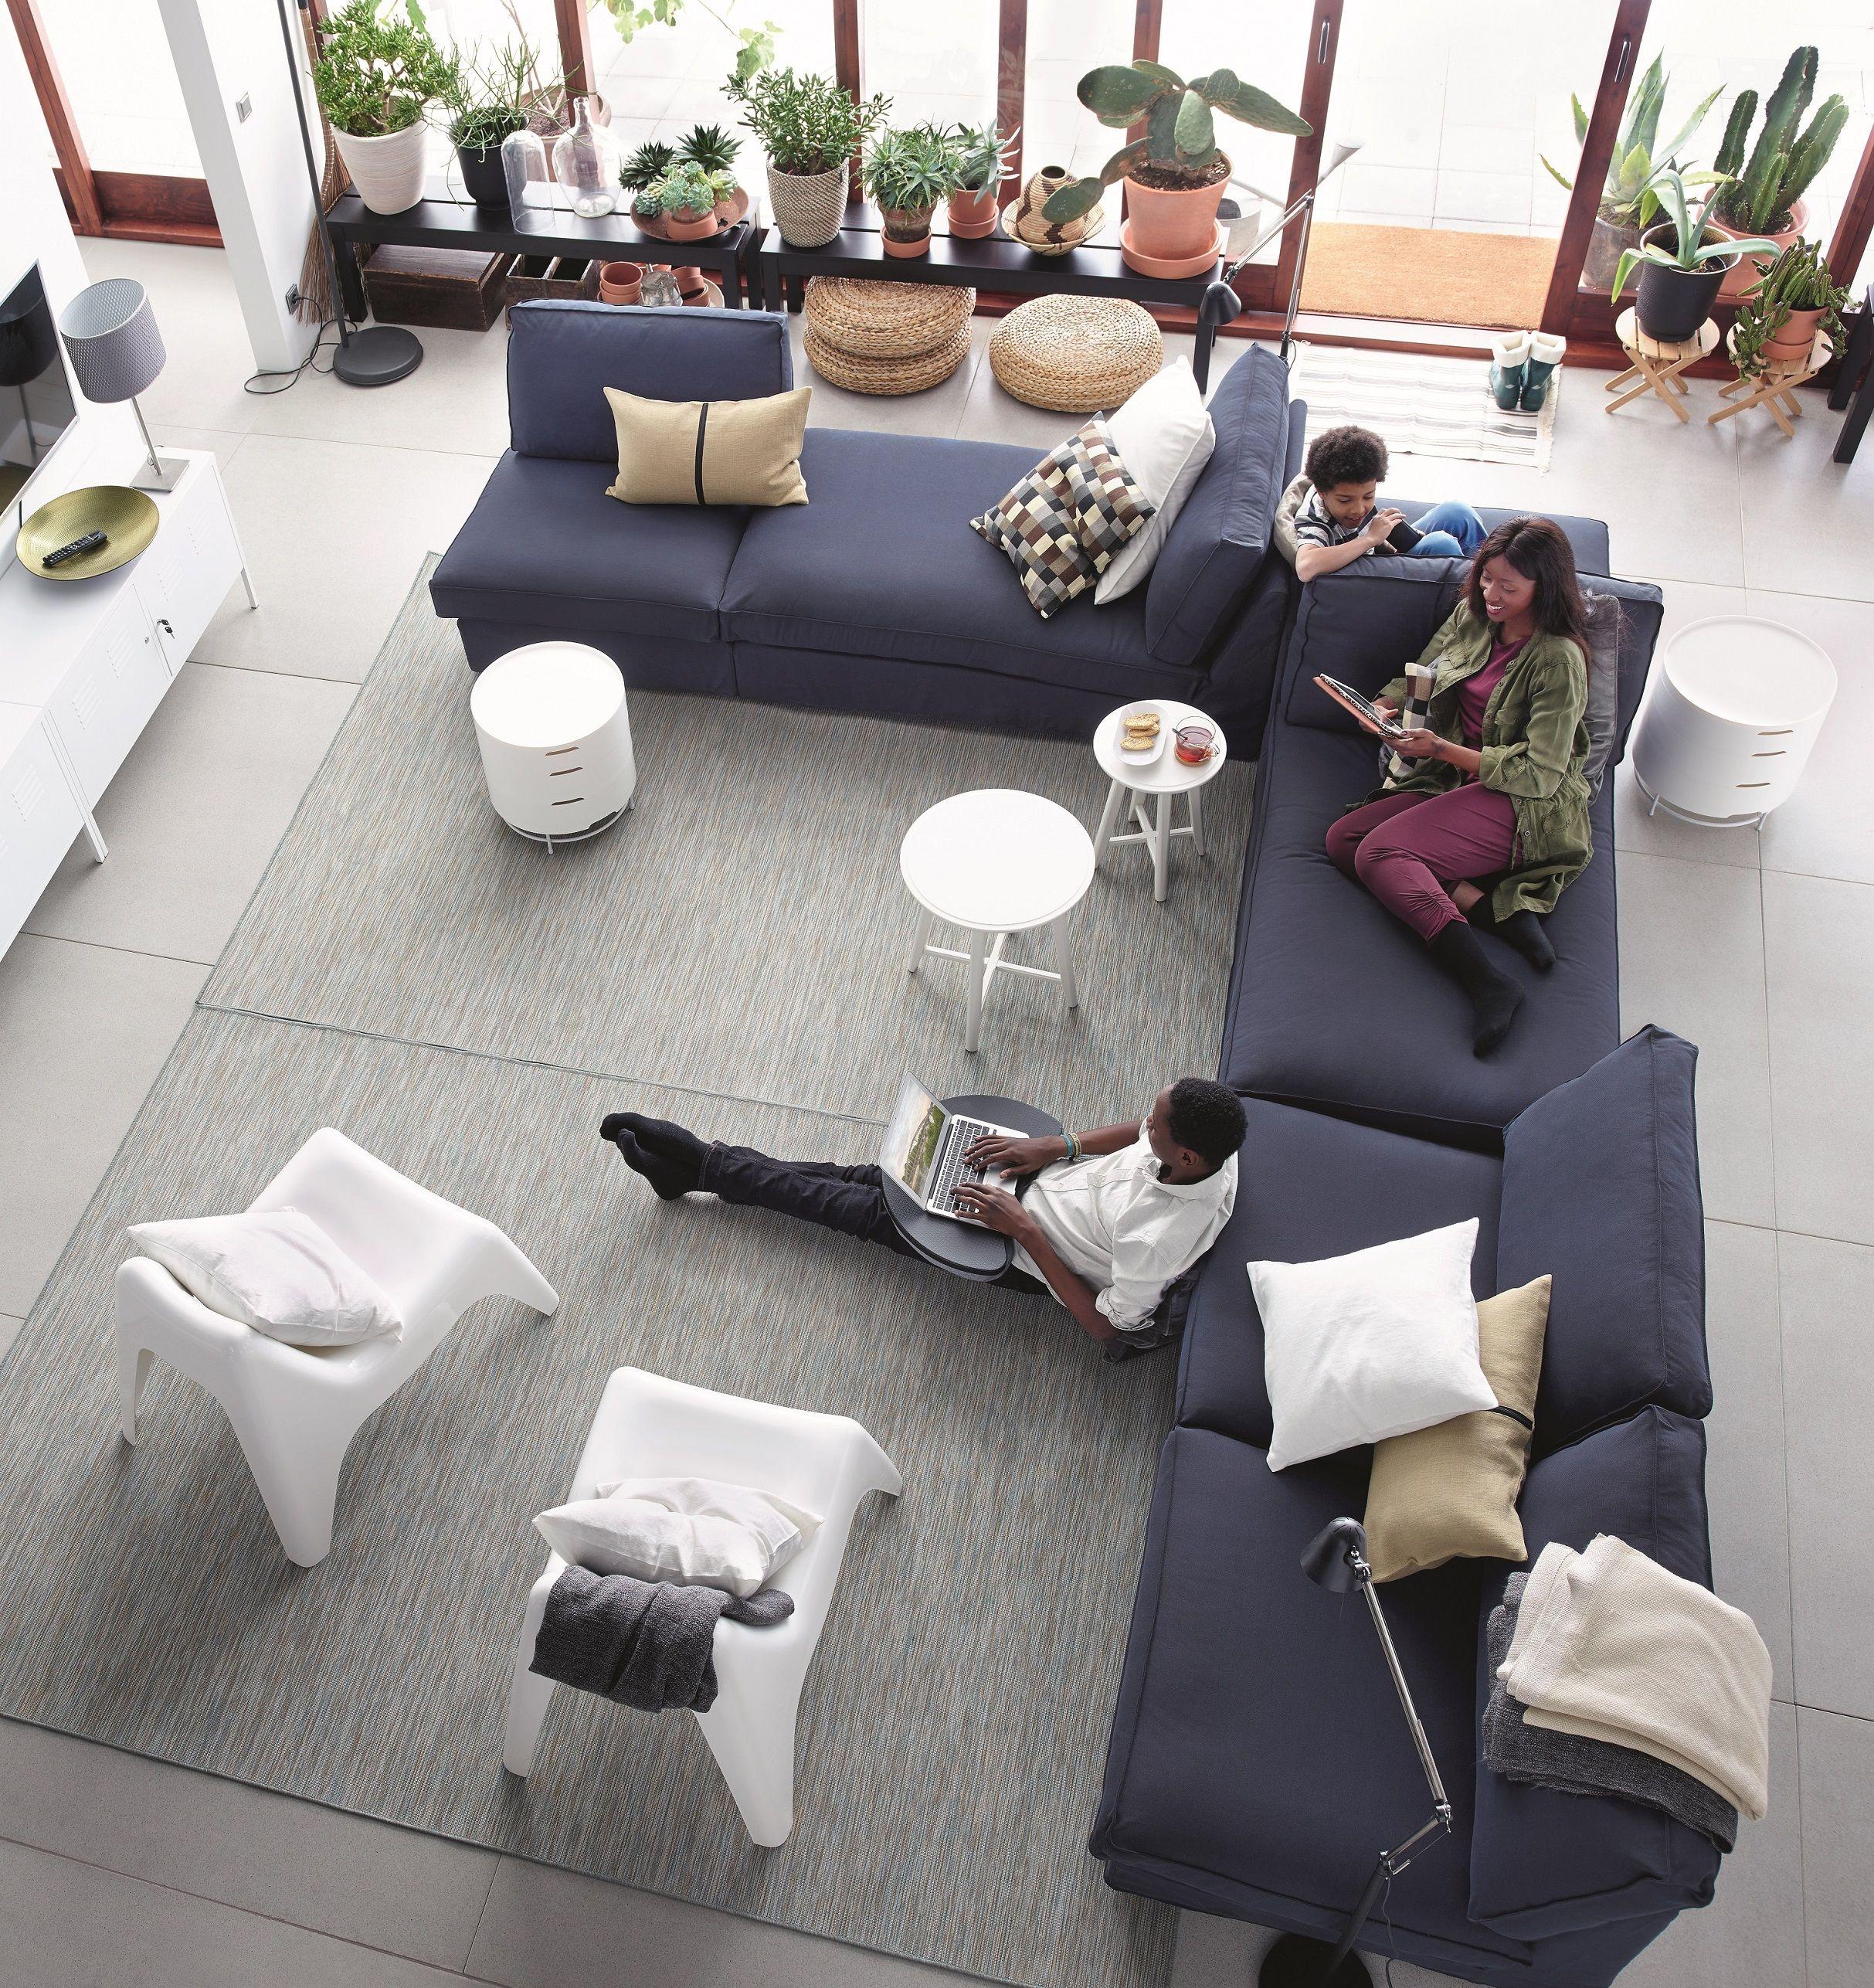 KIVIK zitbank | #IKEA #IKEAnl #bank #woonkamer #sofa #modulair